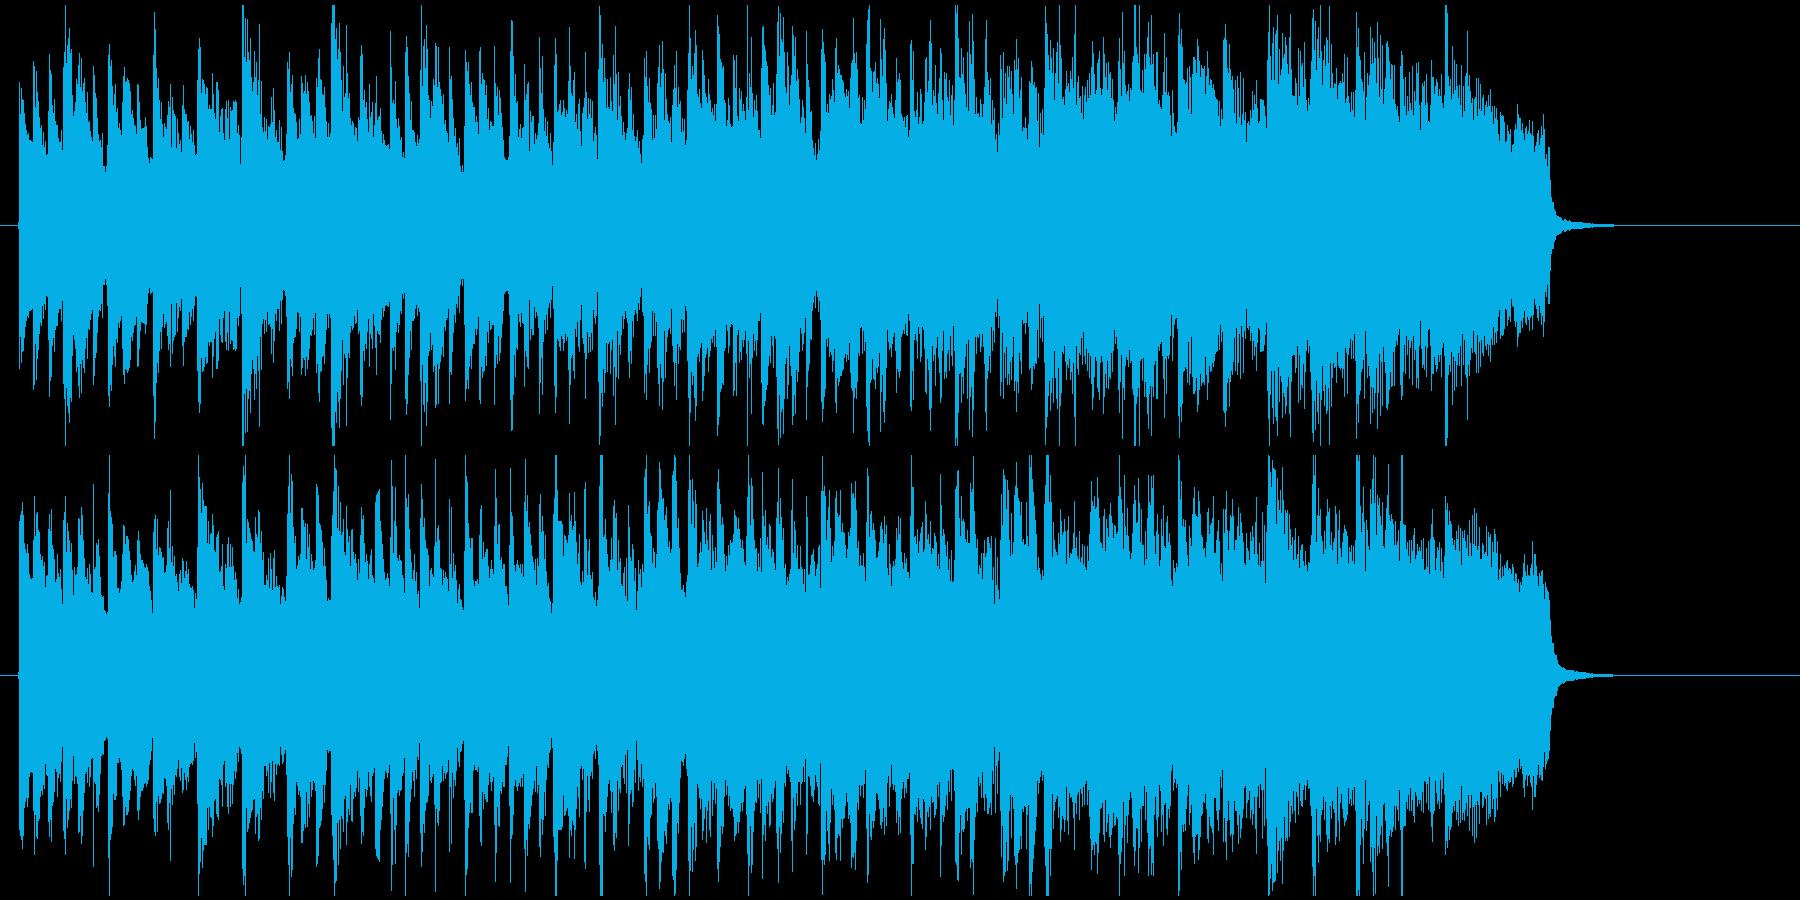 神秘的で壮大な森の中のようなBGMの再生済みの波形